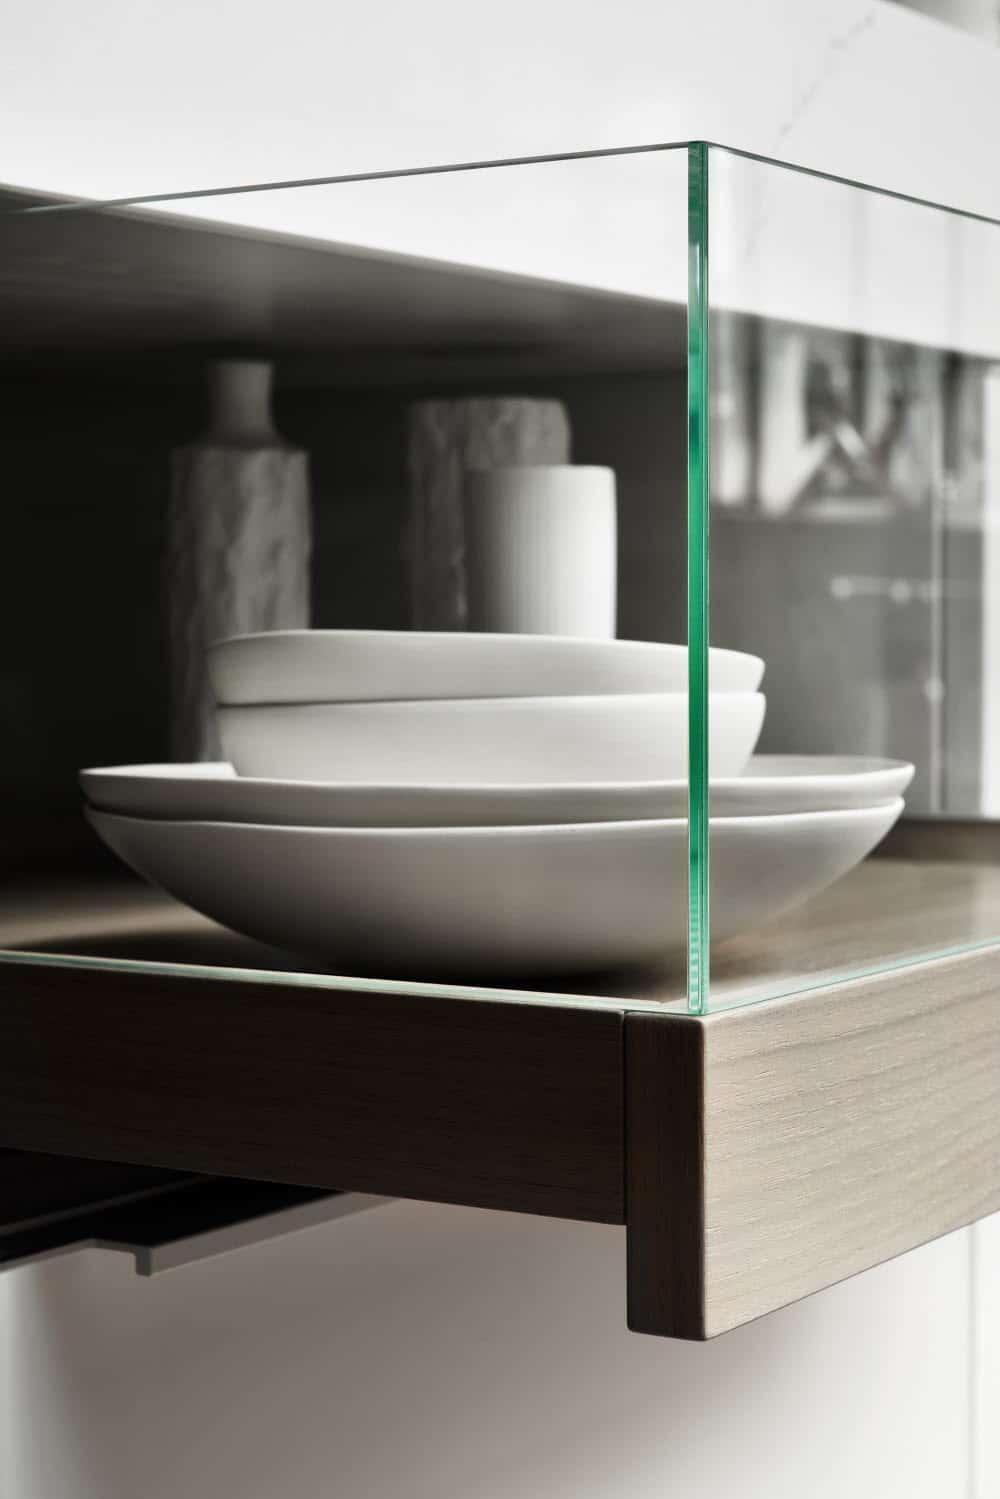 Die hölzernen Tabletts (Trays) von Poggenpohl +MODO können mit Glaskuben ergänzt werden, die die vitrinenartige Gestaltung im Zwischenraum der Kücheninsel unterstreichen. (Foto: Poggenpohl)